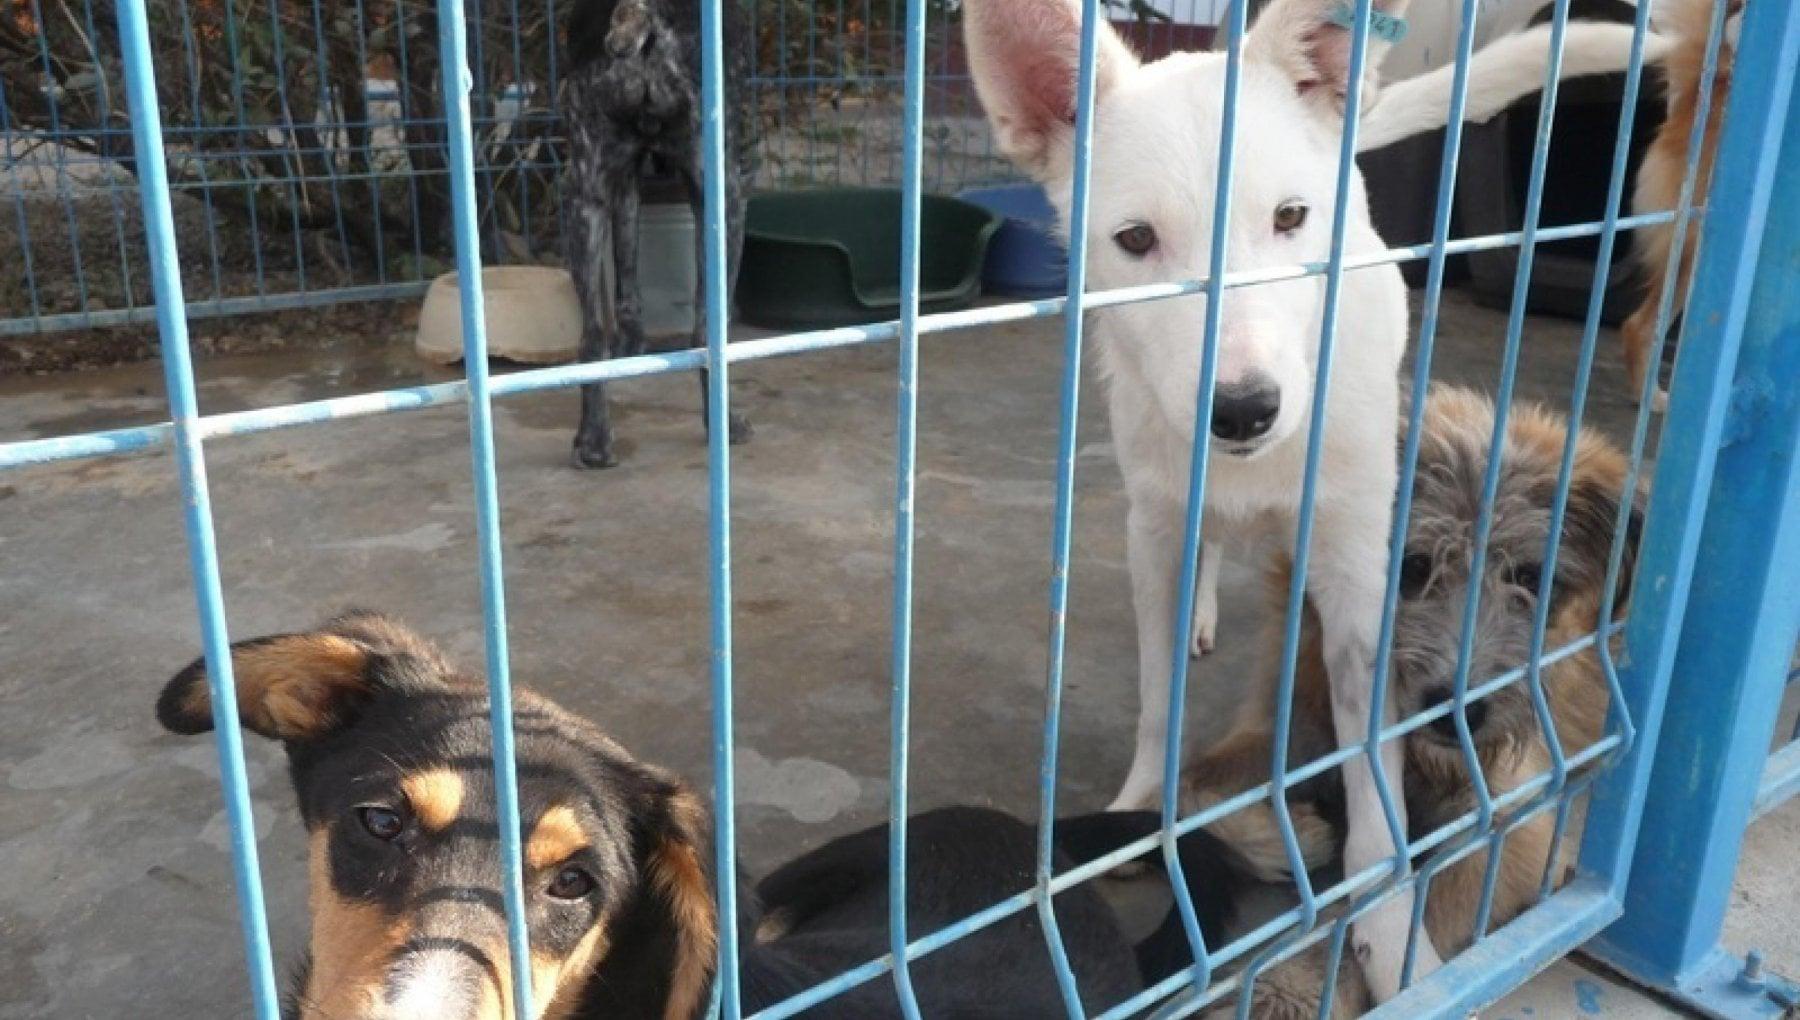 Animali domestici e fauna selvatica aiuti fiscali ed economici nella legge di bilancio